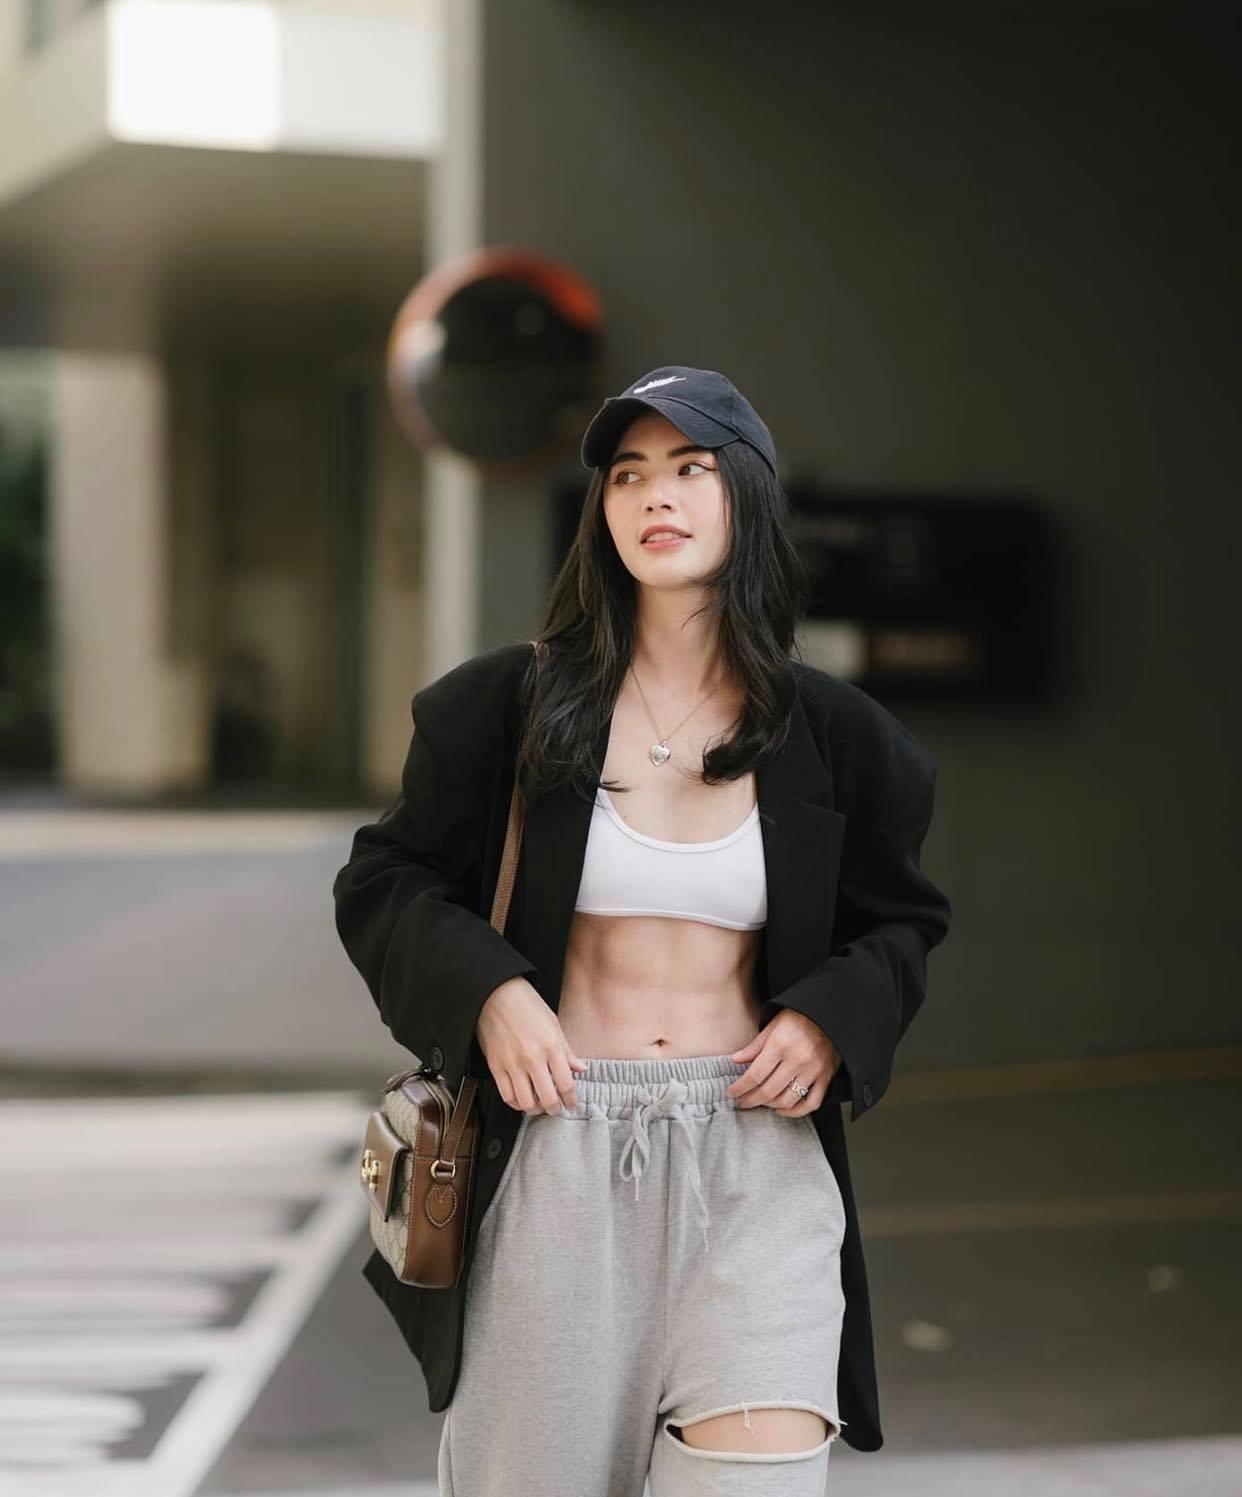 """""""Ma nữ đẹp nhất Thái Lan"""" khoe chiếc bụng đói chỉ 58cm, cơ múi gồ ghề nhờ nhịn ăn 16 tiếng - hình ảnh 2"""